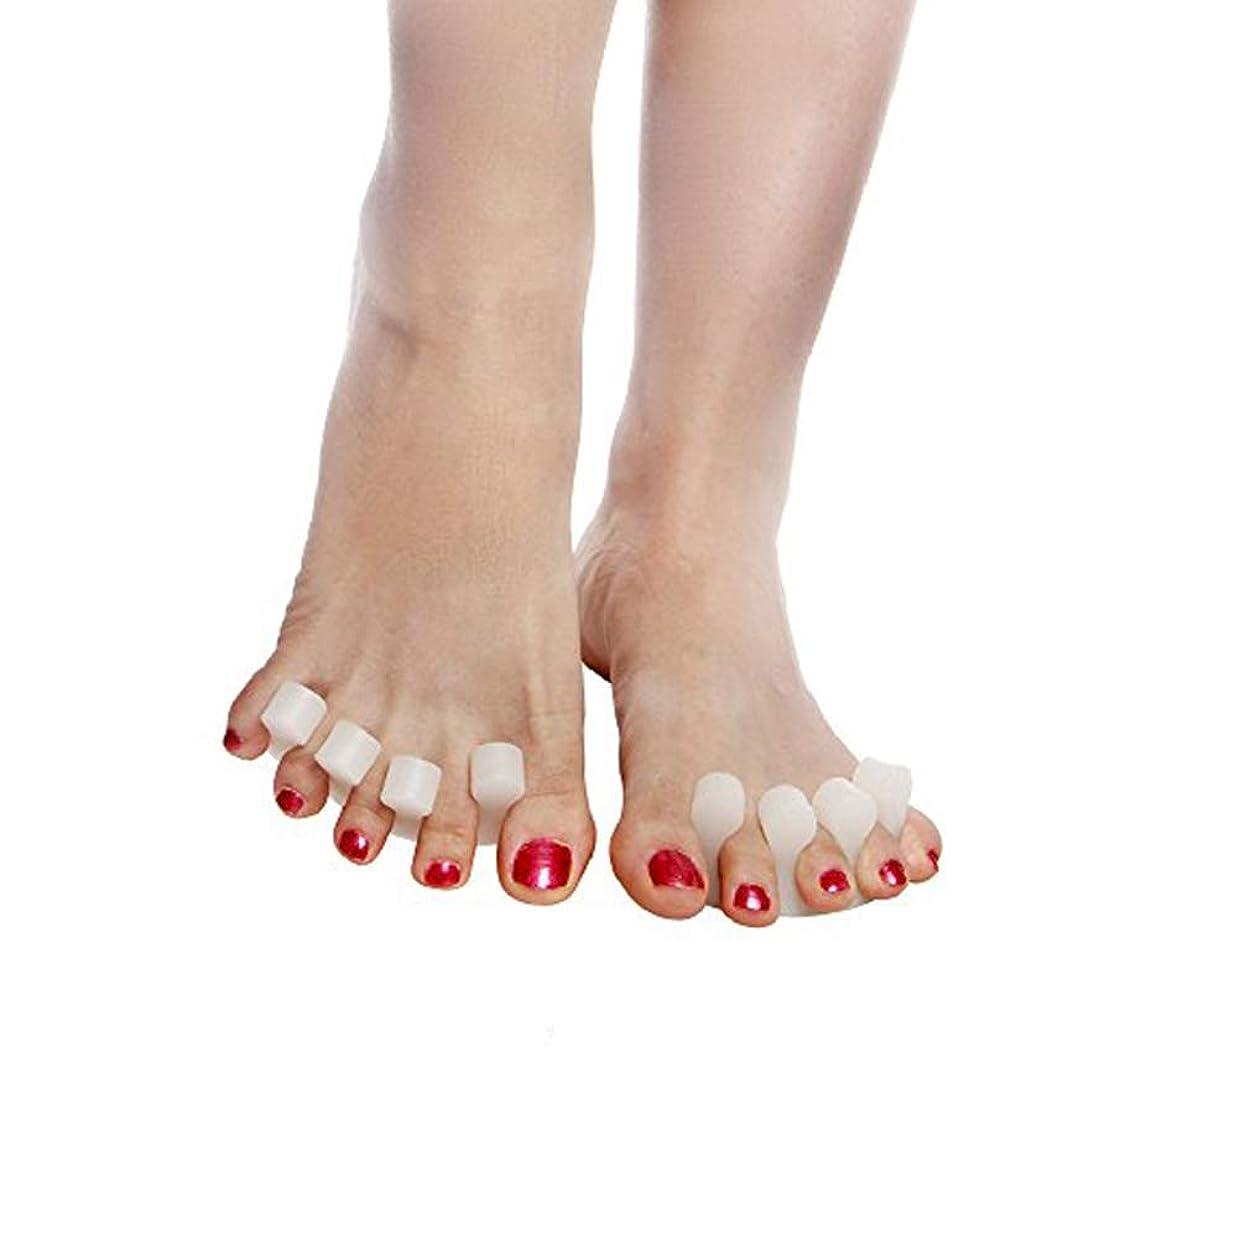 仕出しますシンジケート有用Beito 足指セパレーター,足指広げる 指間ジェルサポーター ネイル ペディキュア用 外反母趾パッド 内反小趾 手指足指全開両用 分離シリコンパッド ヨガ マニキュア用 4個セット